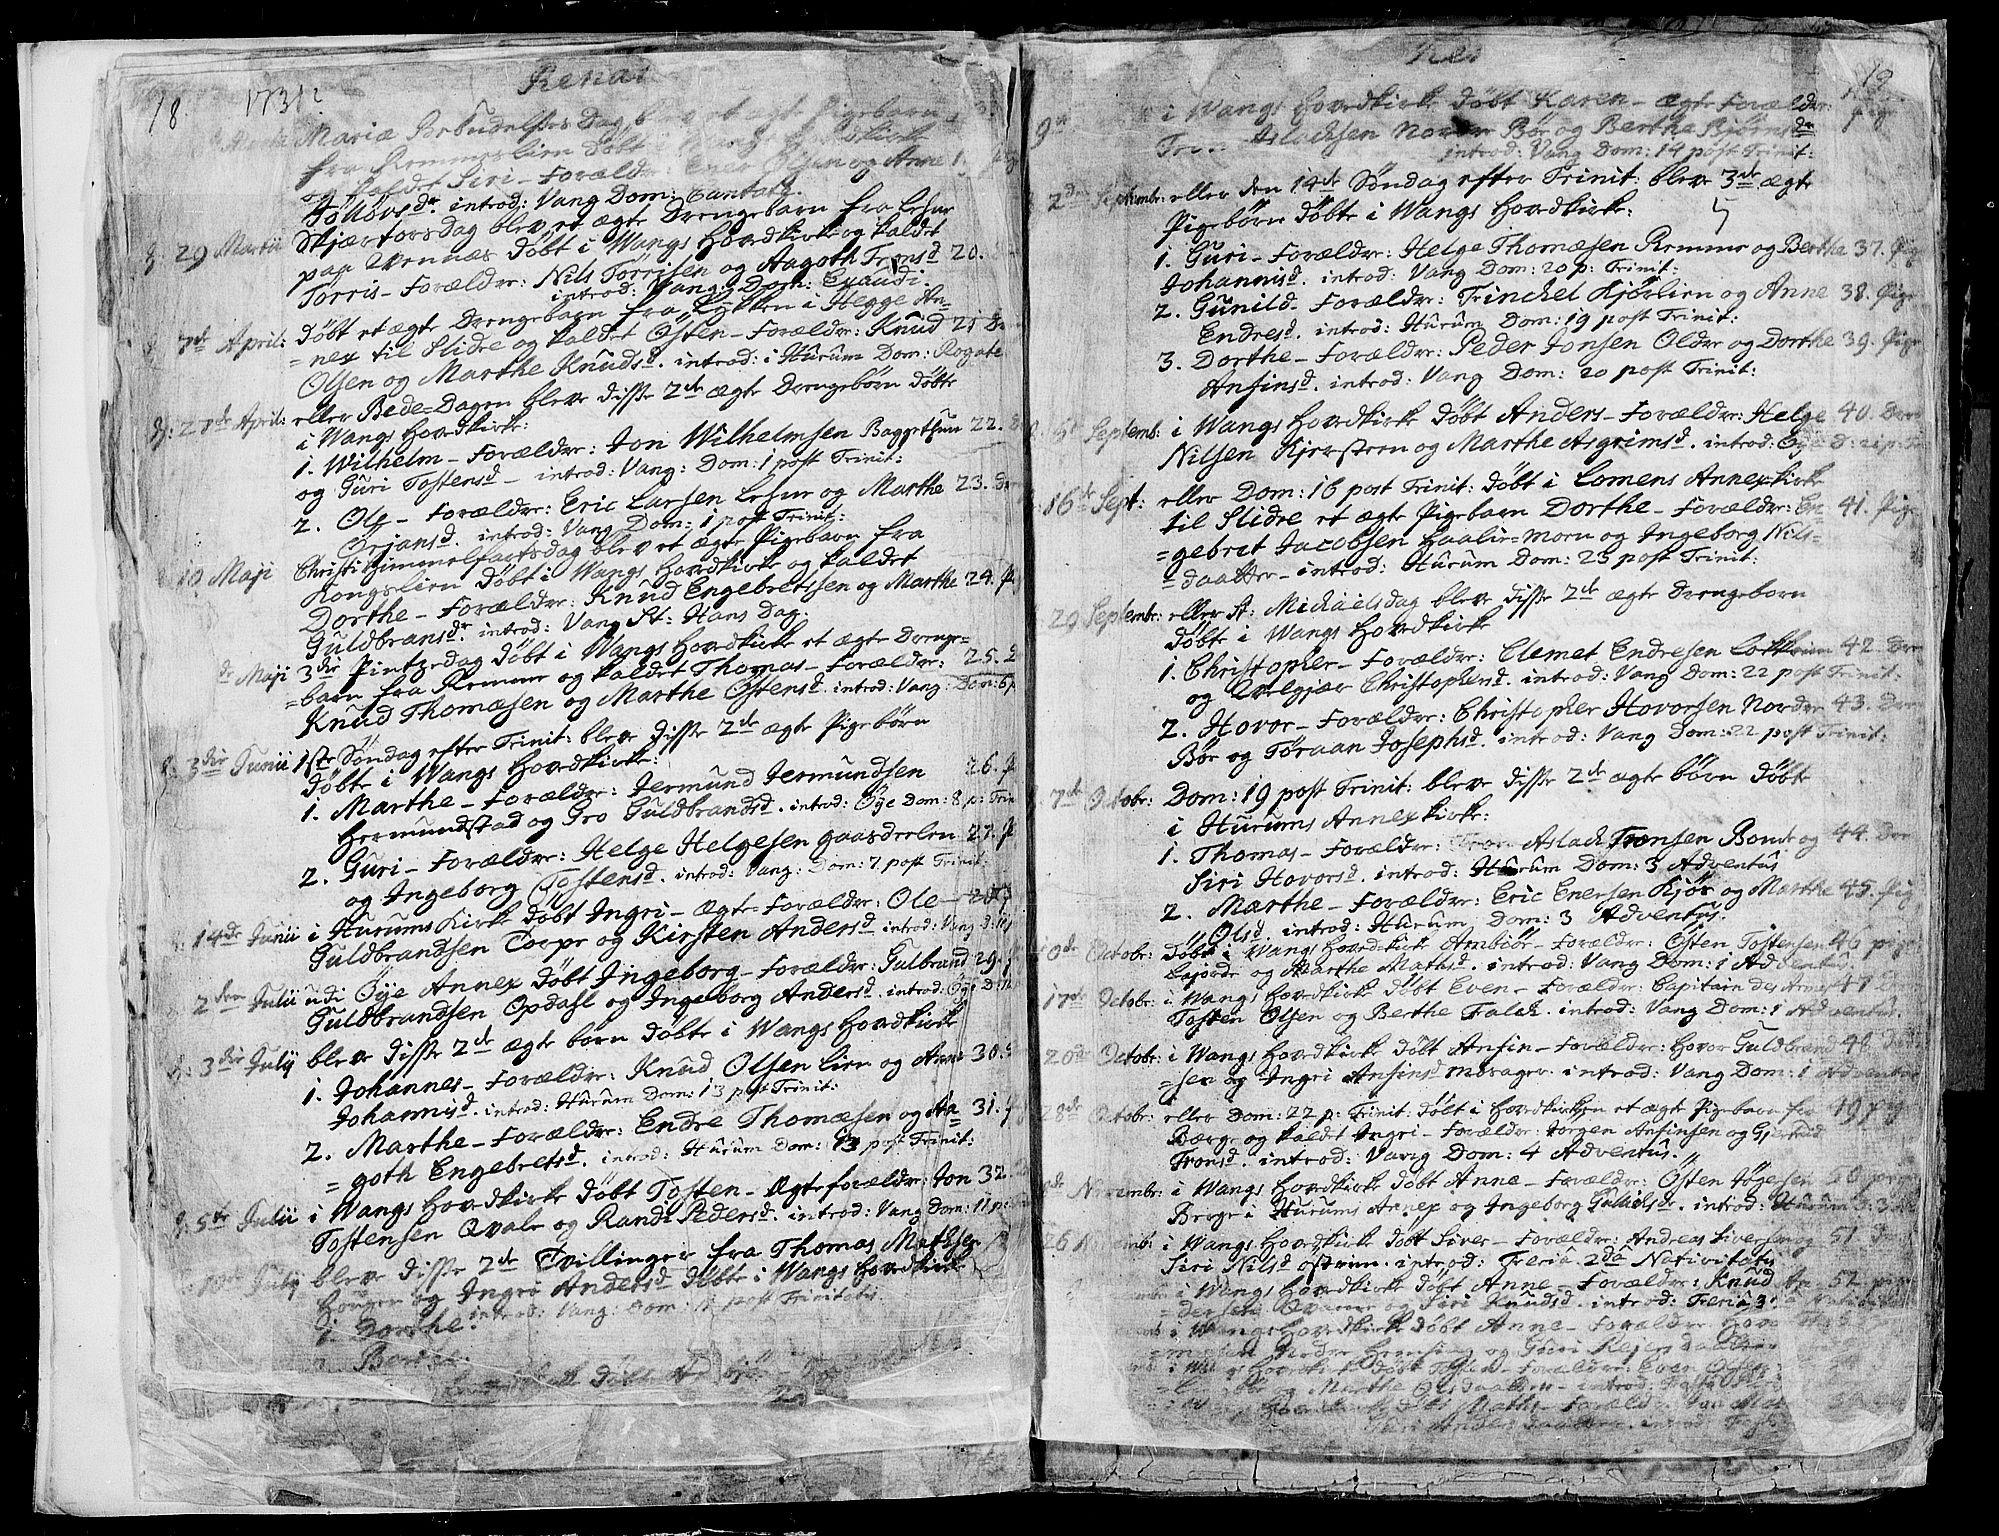 SAH, Vang prestekontor, Valdres, Ministerialbok nr. 1, 1730-1796, s. 18-19